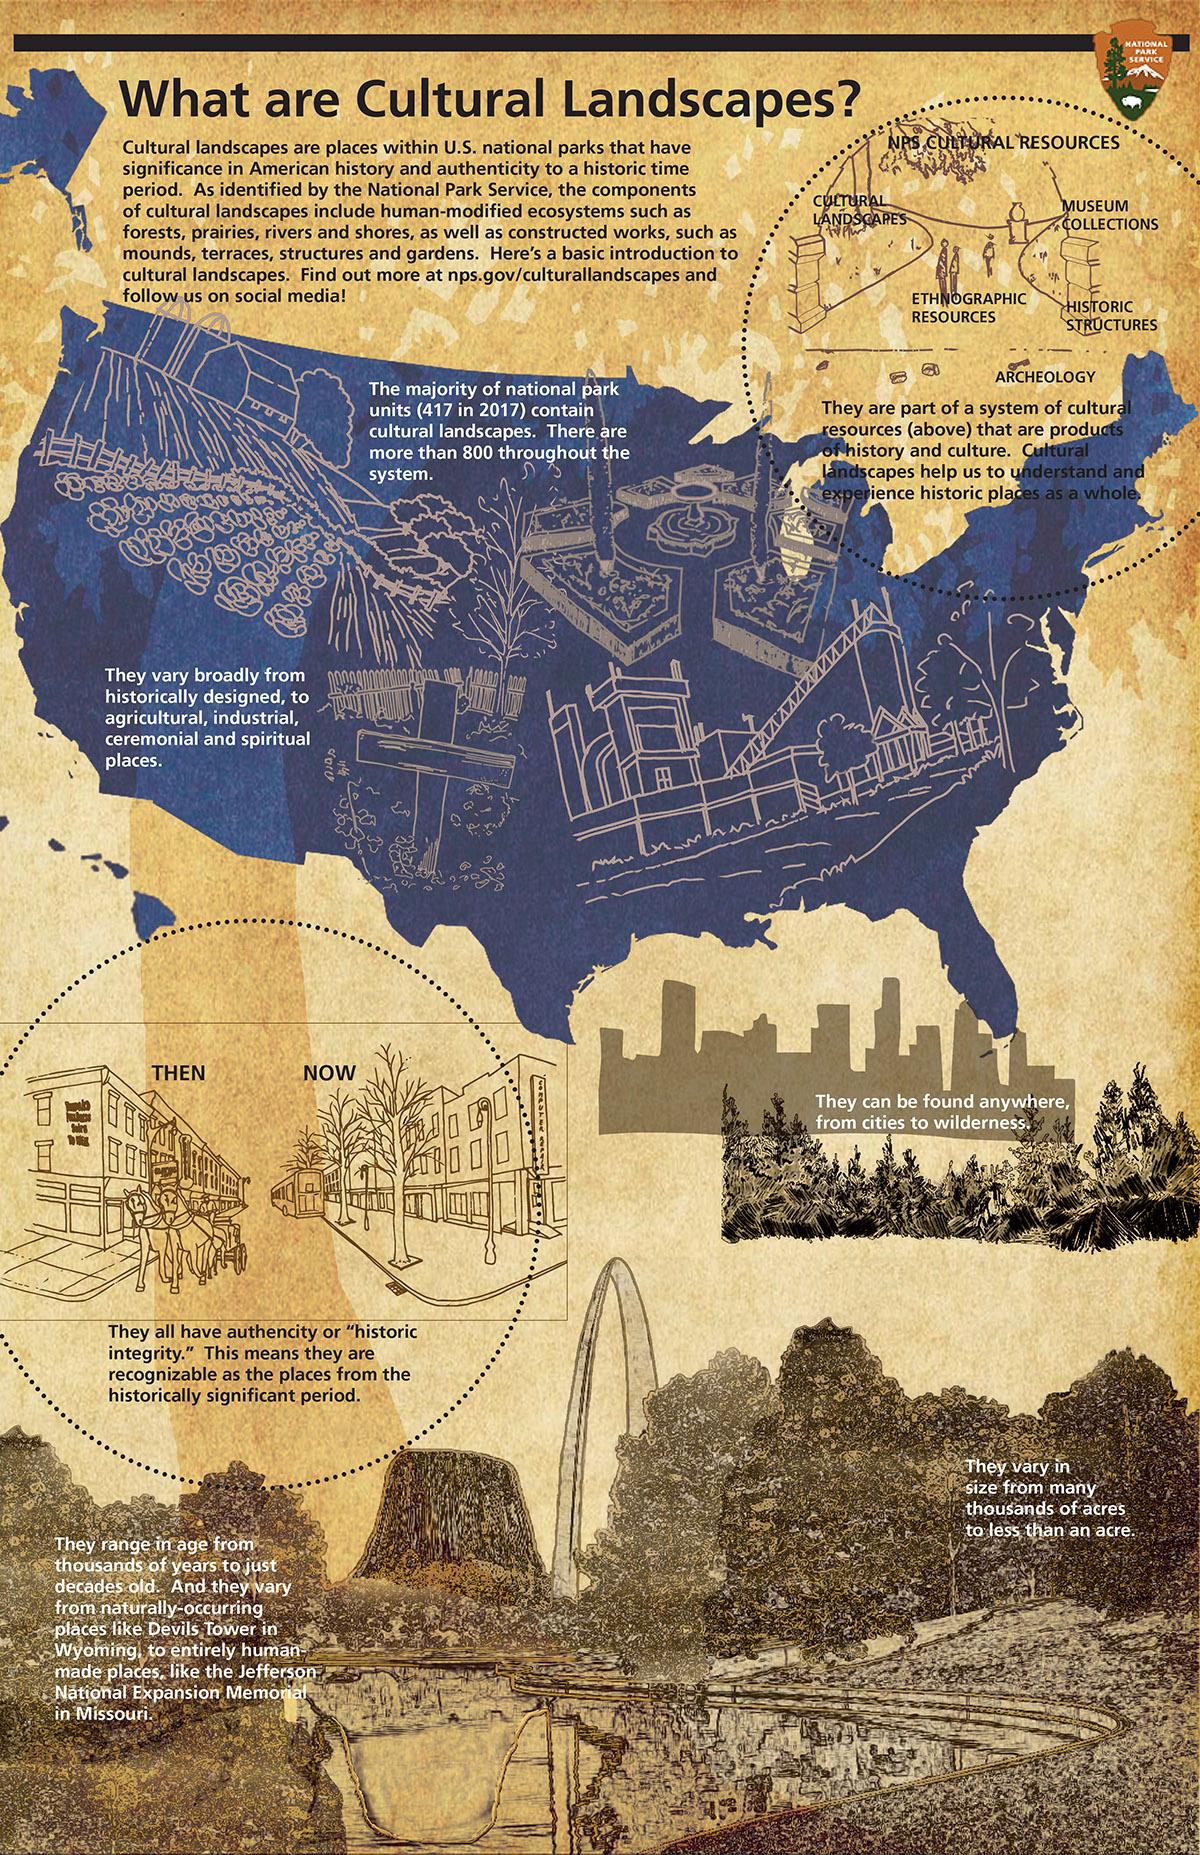 Cultural Landscapes 101 (U.S. National Park Service)